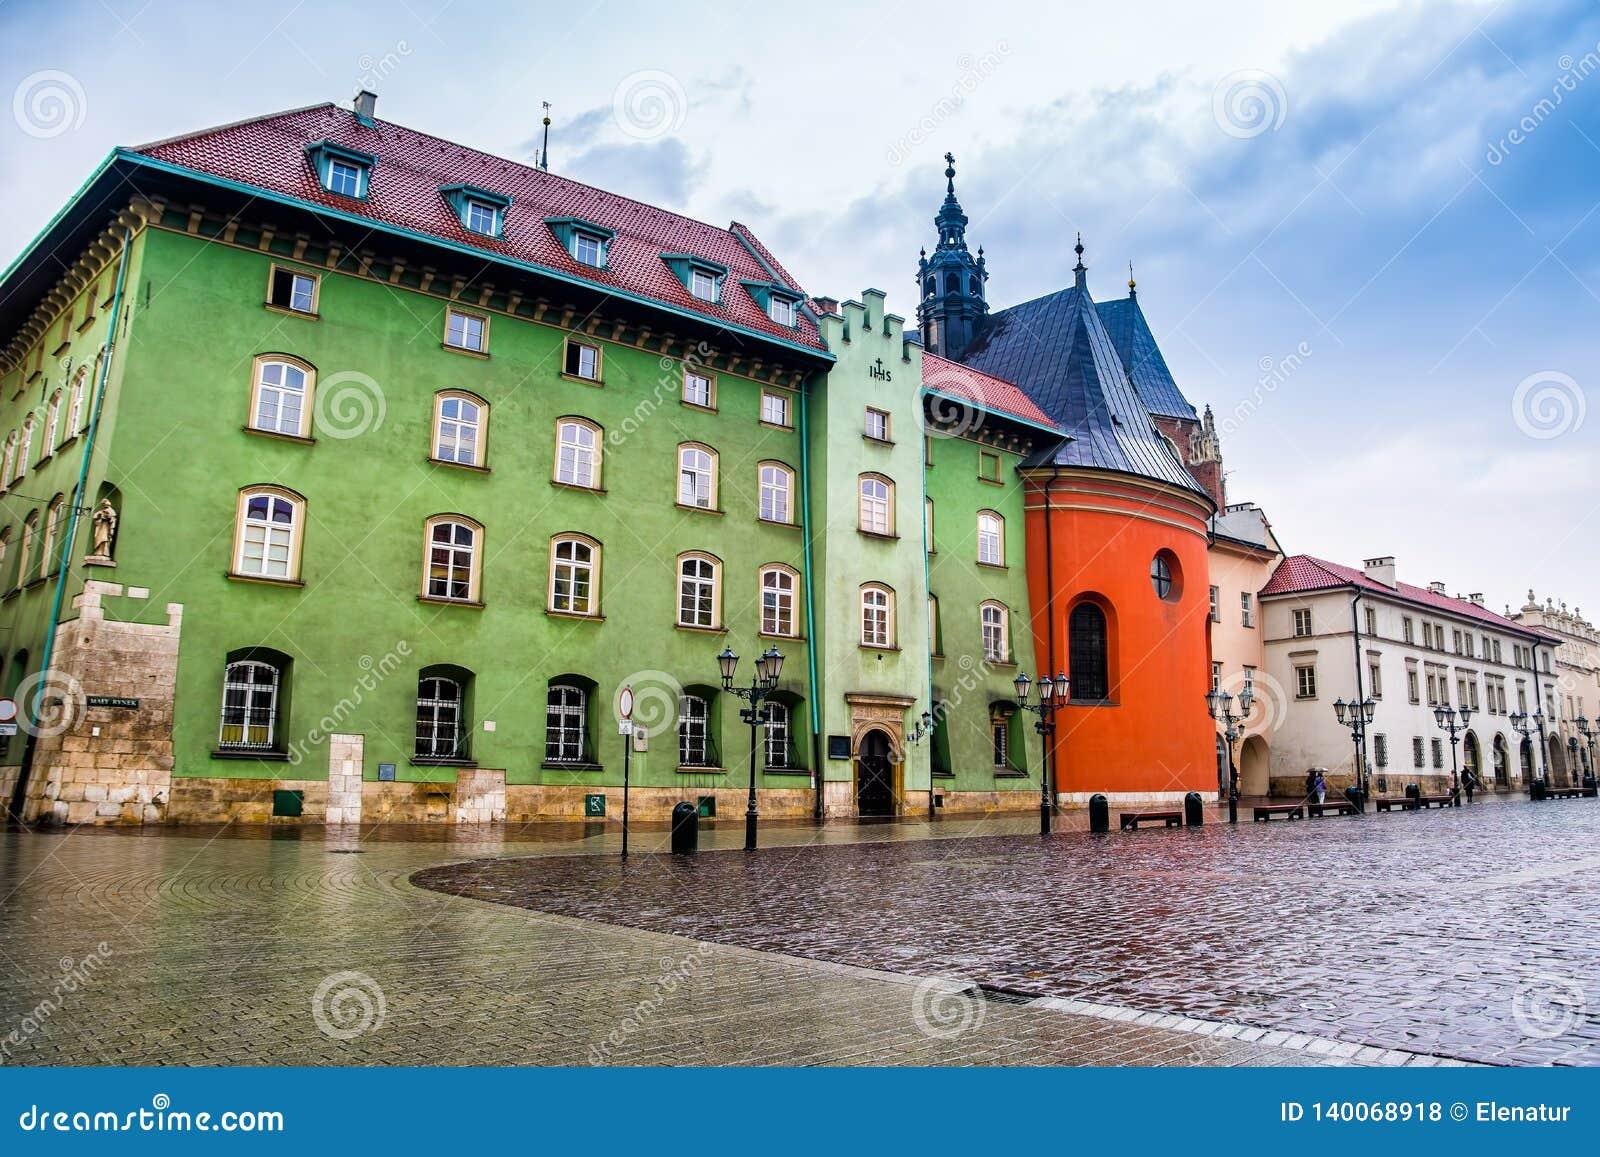 Cracow Krakow, Polen - April 12, 2016 Den regniga dagen i den gamla staden Krakow Krakow - Polen historisk mitt, en stad med forn